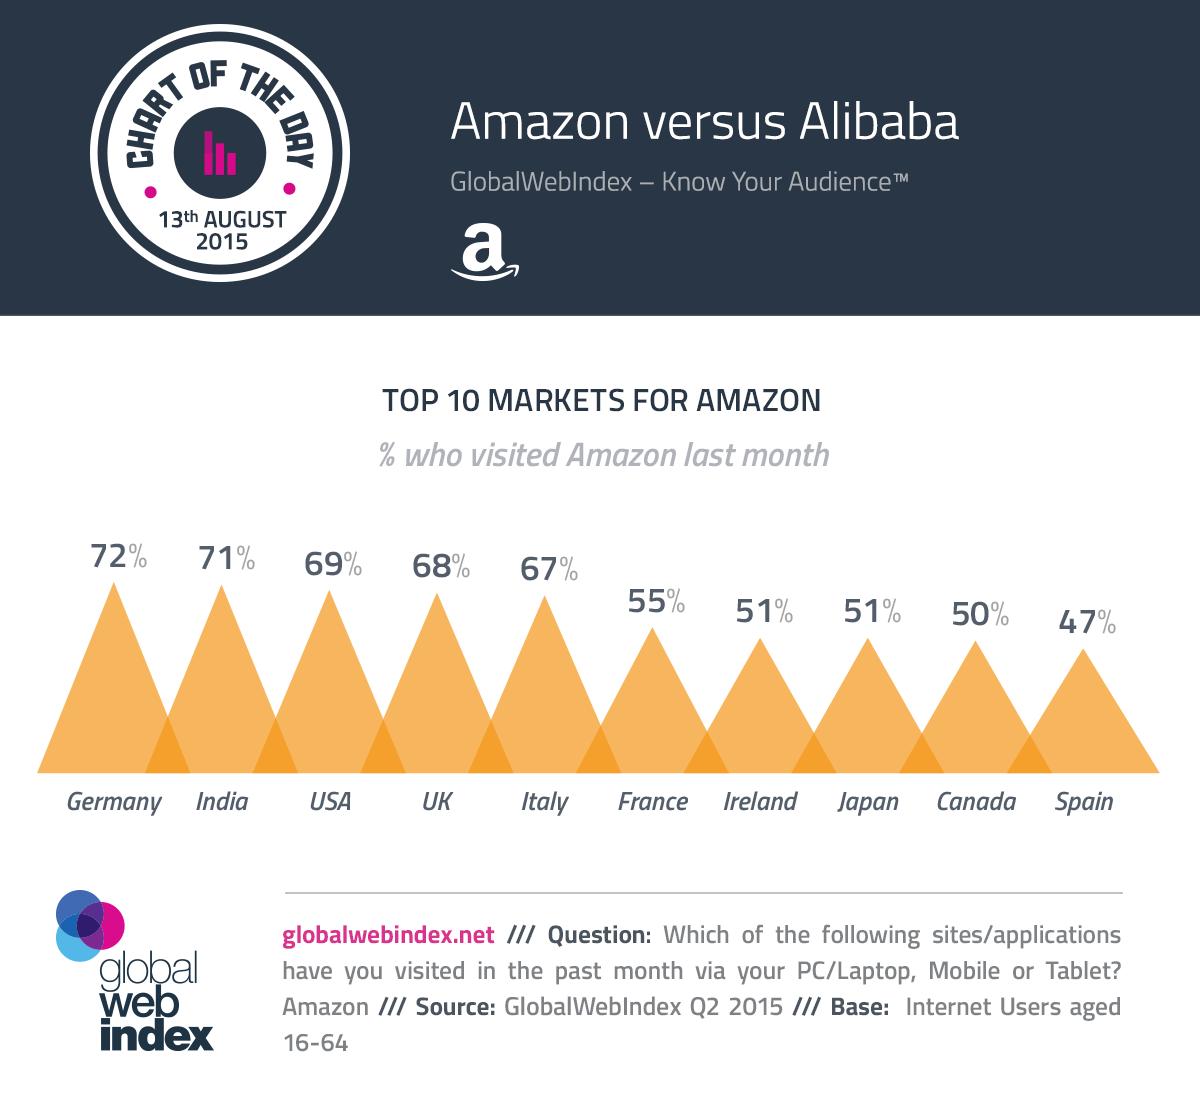 13th-Aug-2015-Amazon-versus-Alibaba